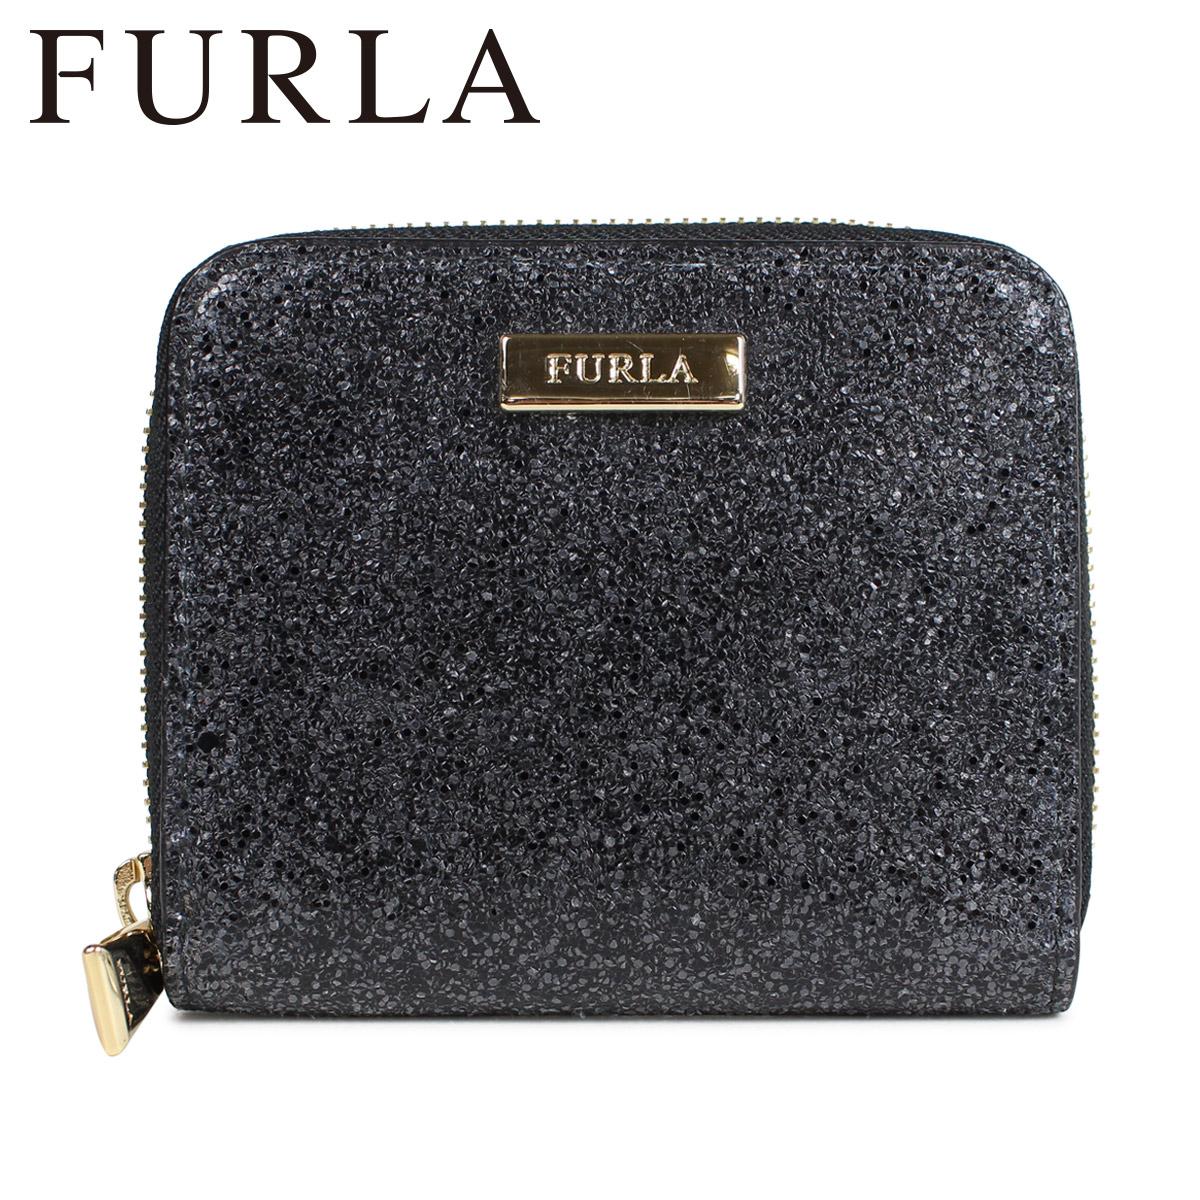 フルラ FURLA 財布 二つ折り レディース ラウンドファスナー LEATHER MEDIUM ZIP WALLET ブラック 840302